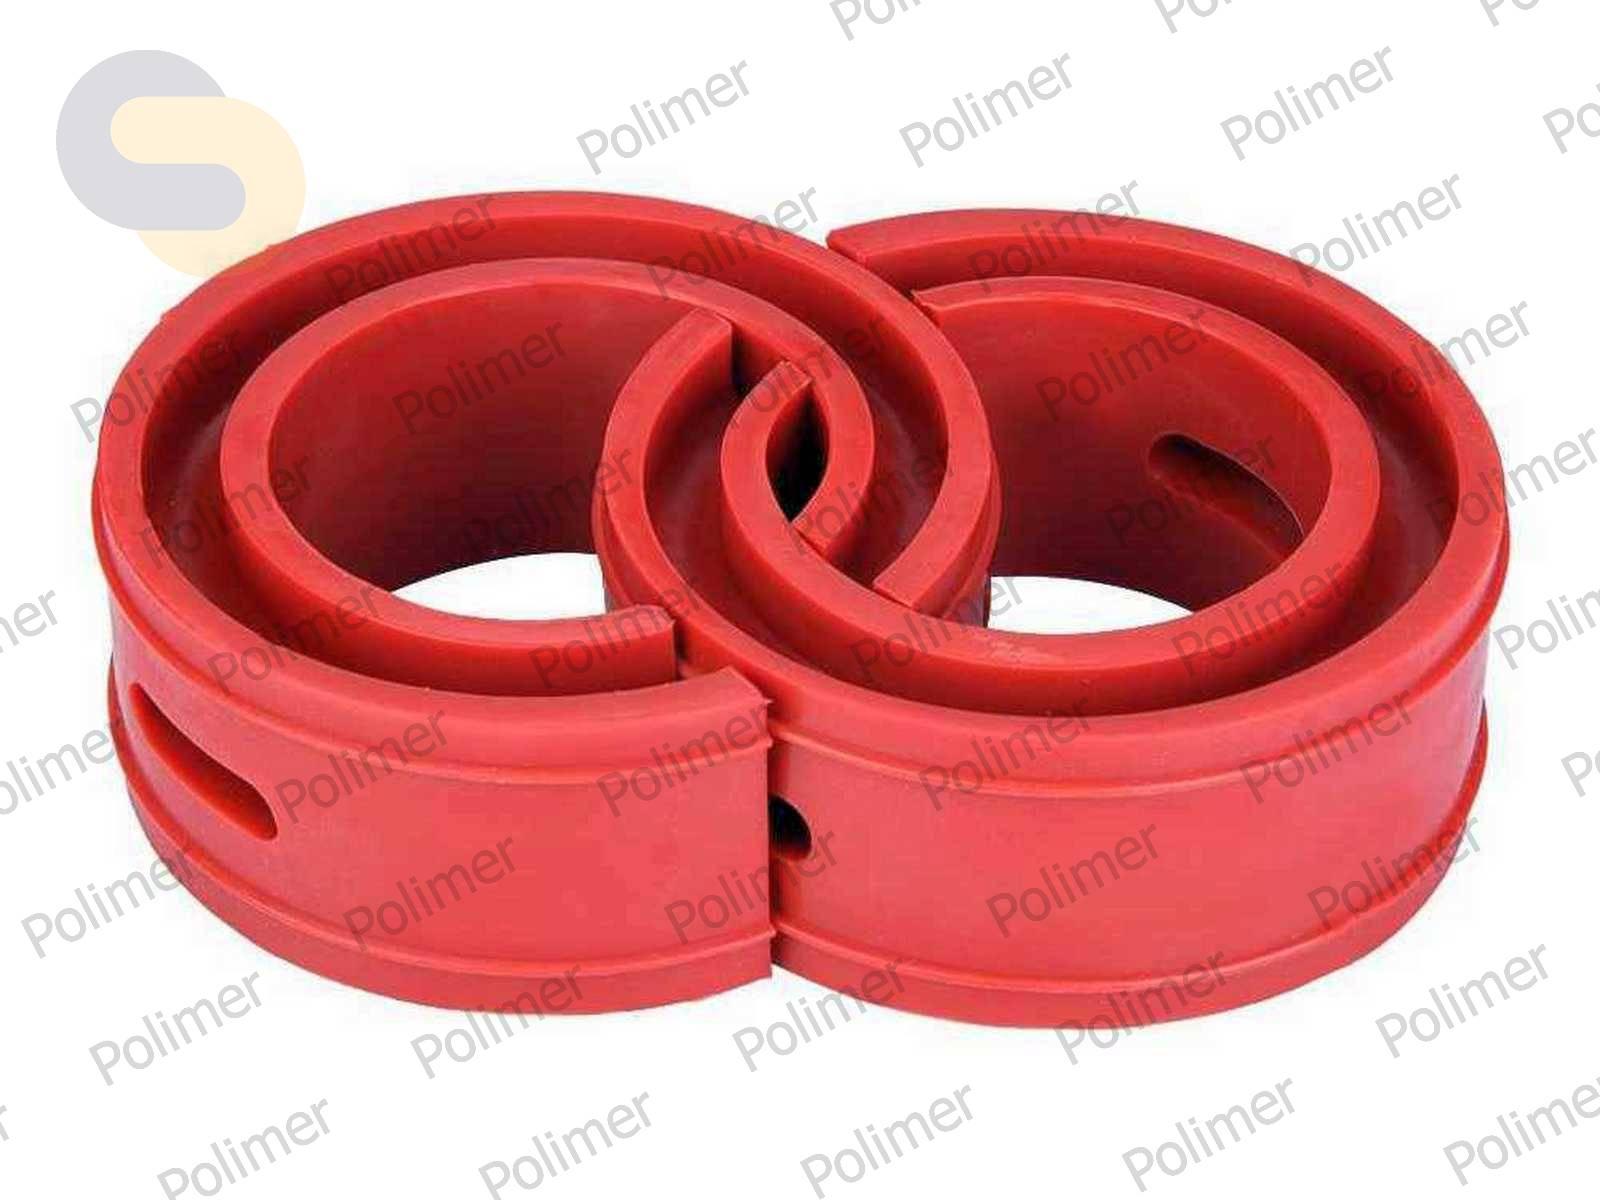 http://polimer-nsk.ru/web/pkl/Size-D-RED.jpg